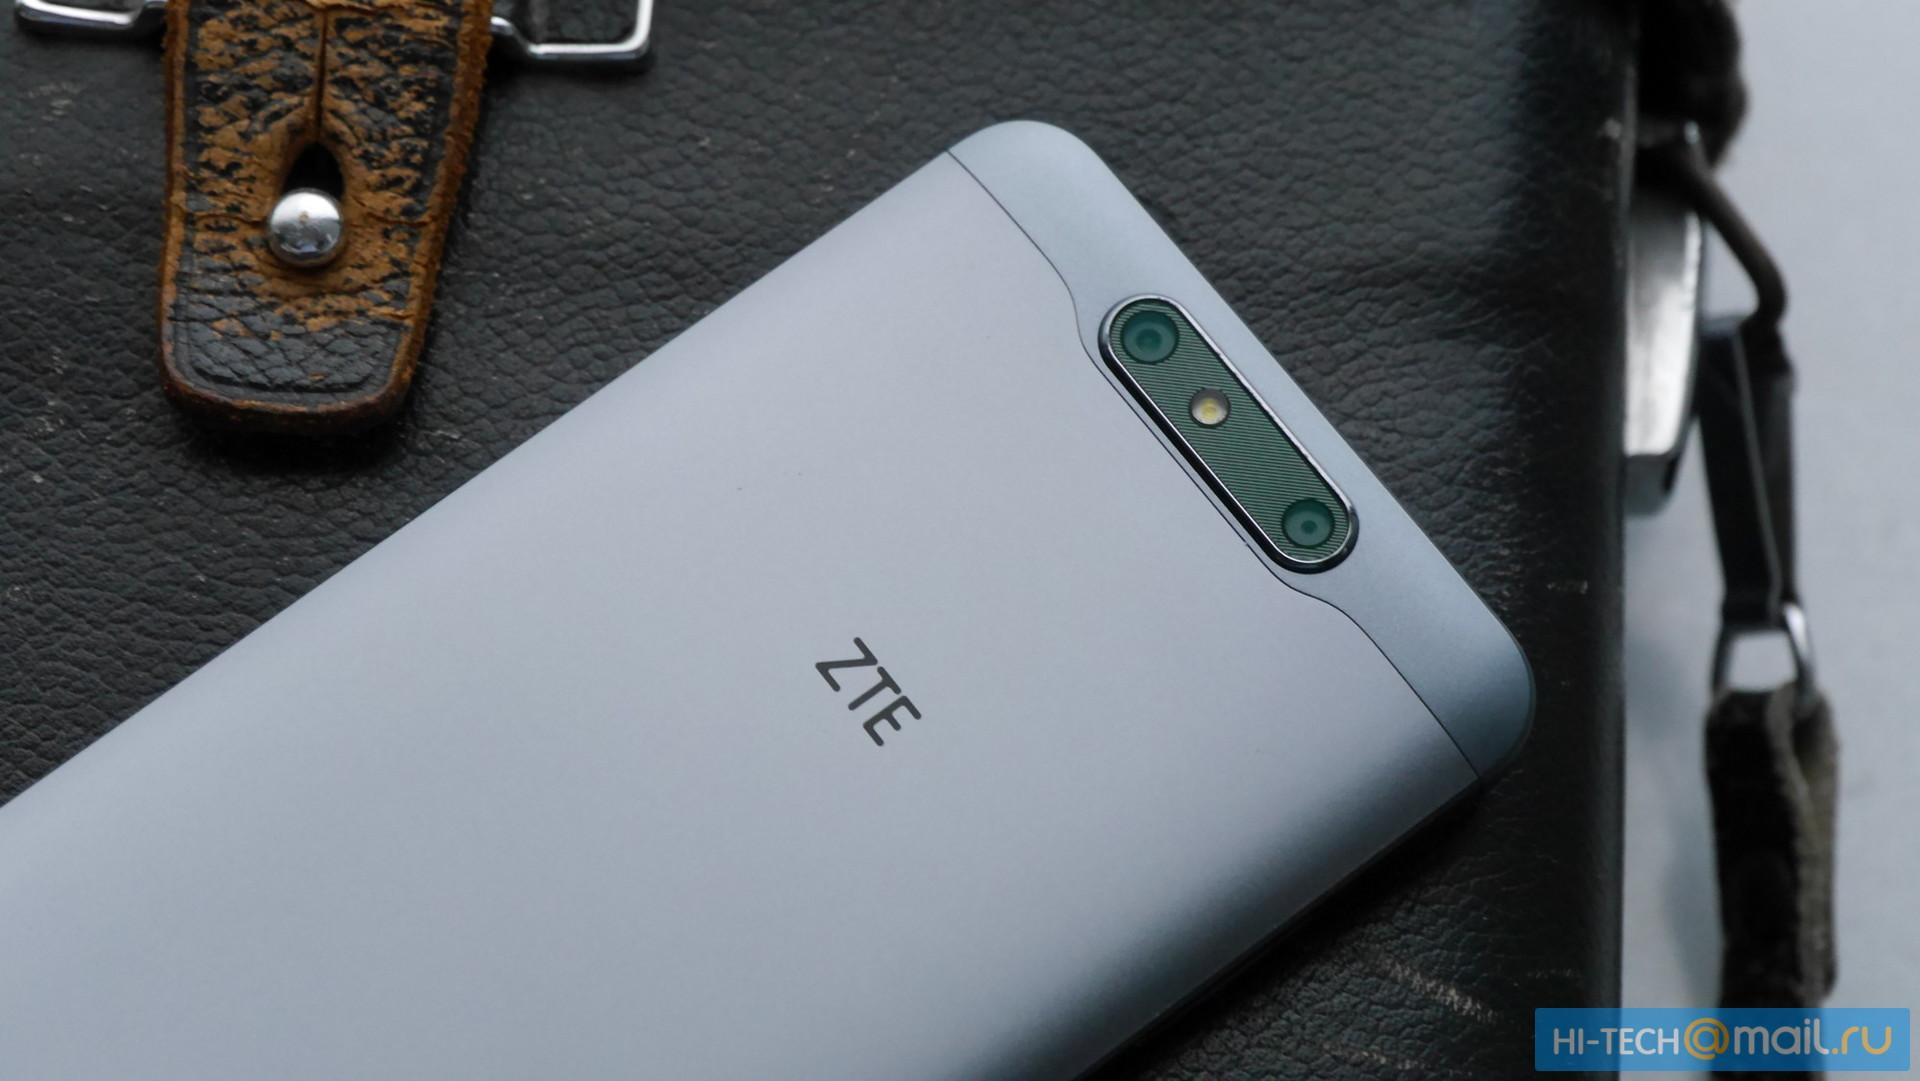 گوشی جدید شرکت چینی زد تی ای بلید وی 8 نام دارد. گوشی بلید وی 8 یک محصول میانرده اما با دوربین اصلی دوگانه و سیستم عامل اندروید 7.0 نوقا است.